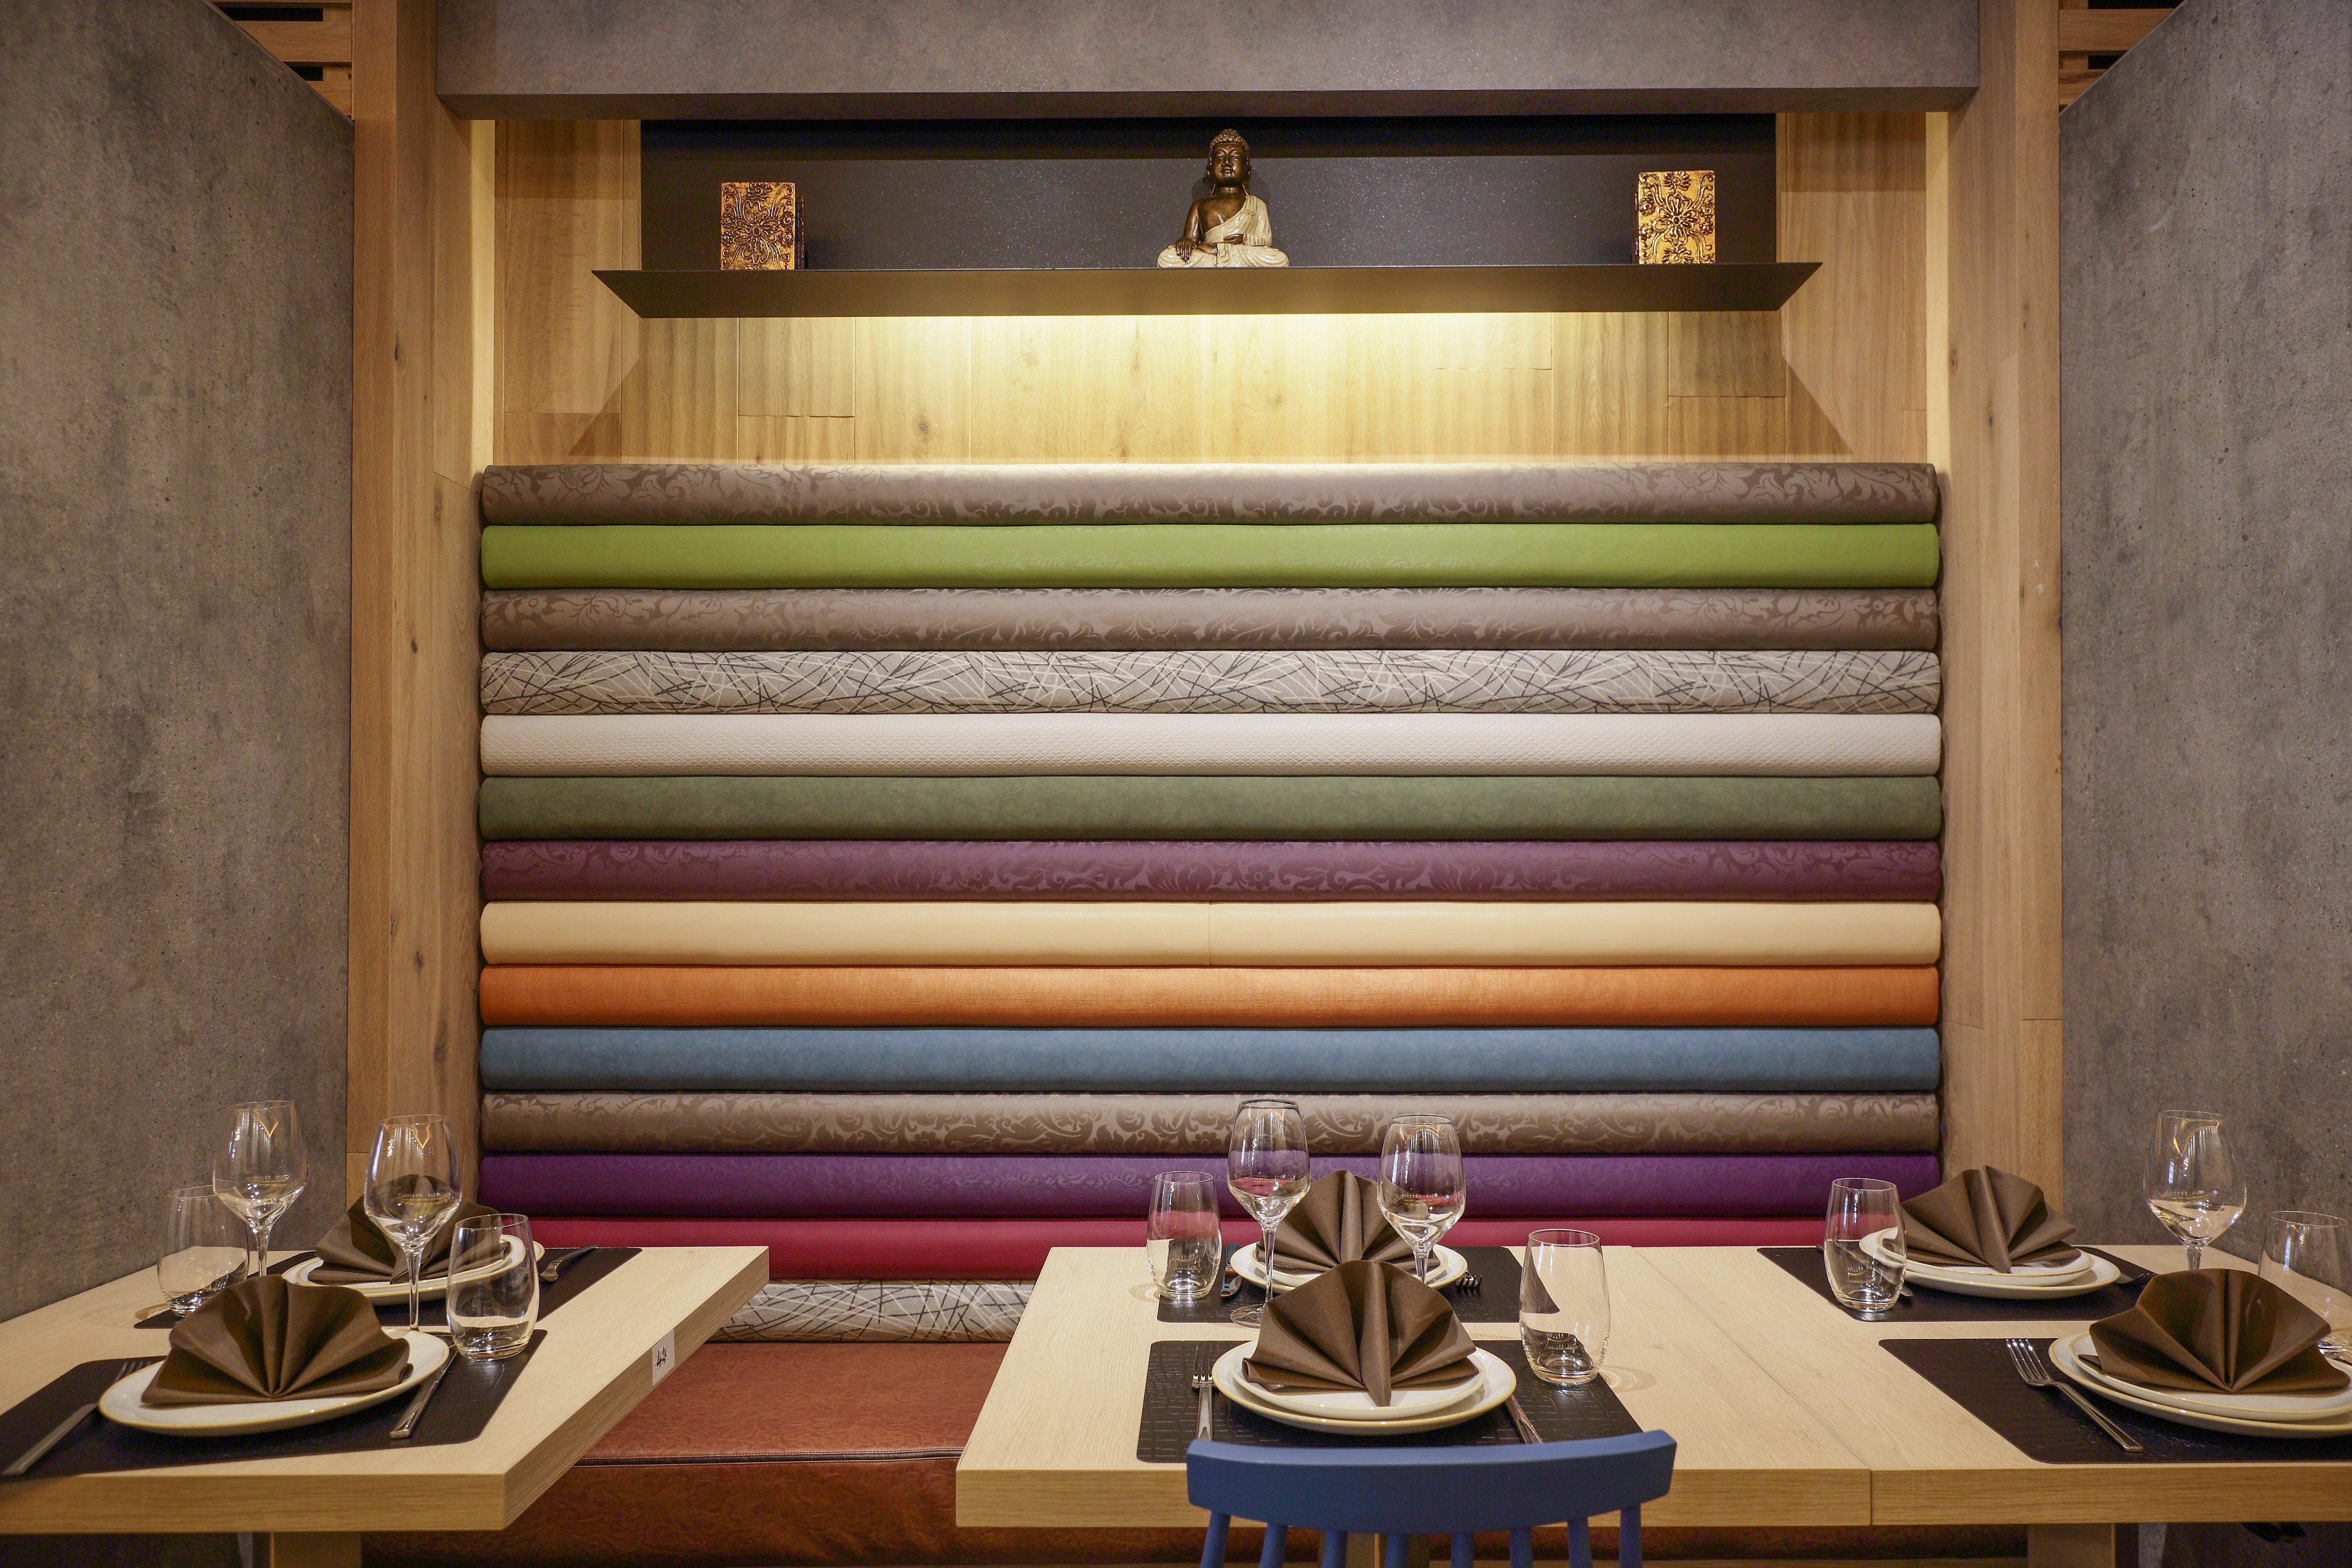 tavolo apparecchiato vicino un muro colorato